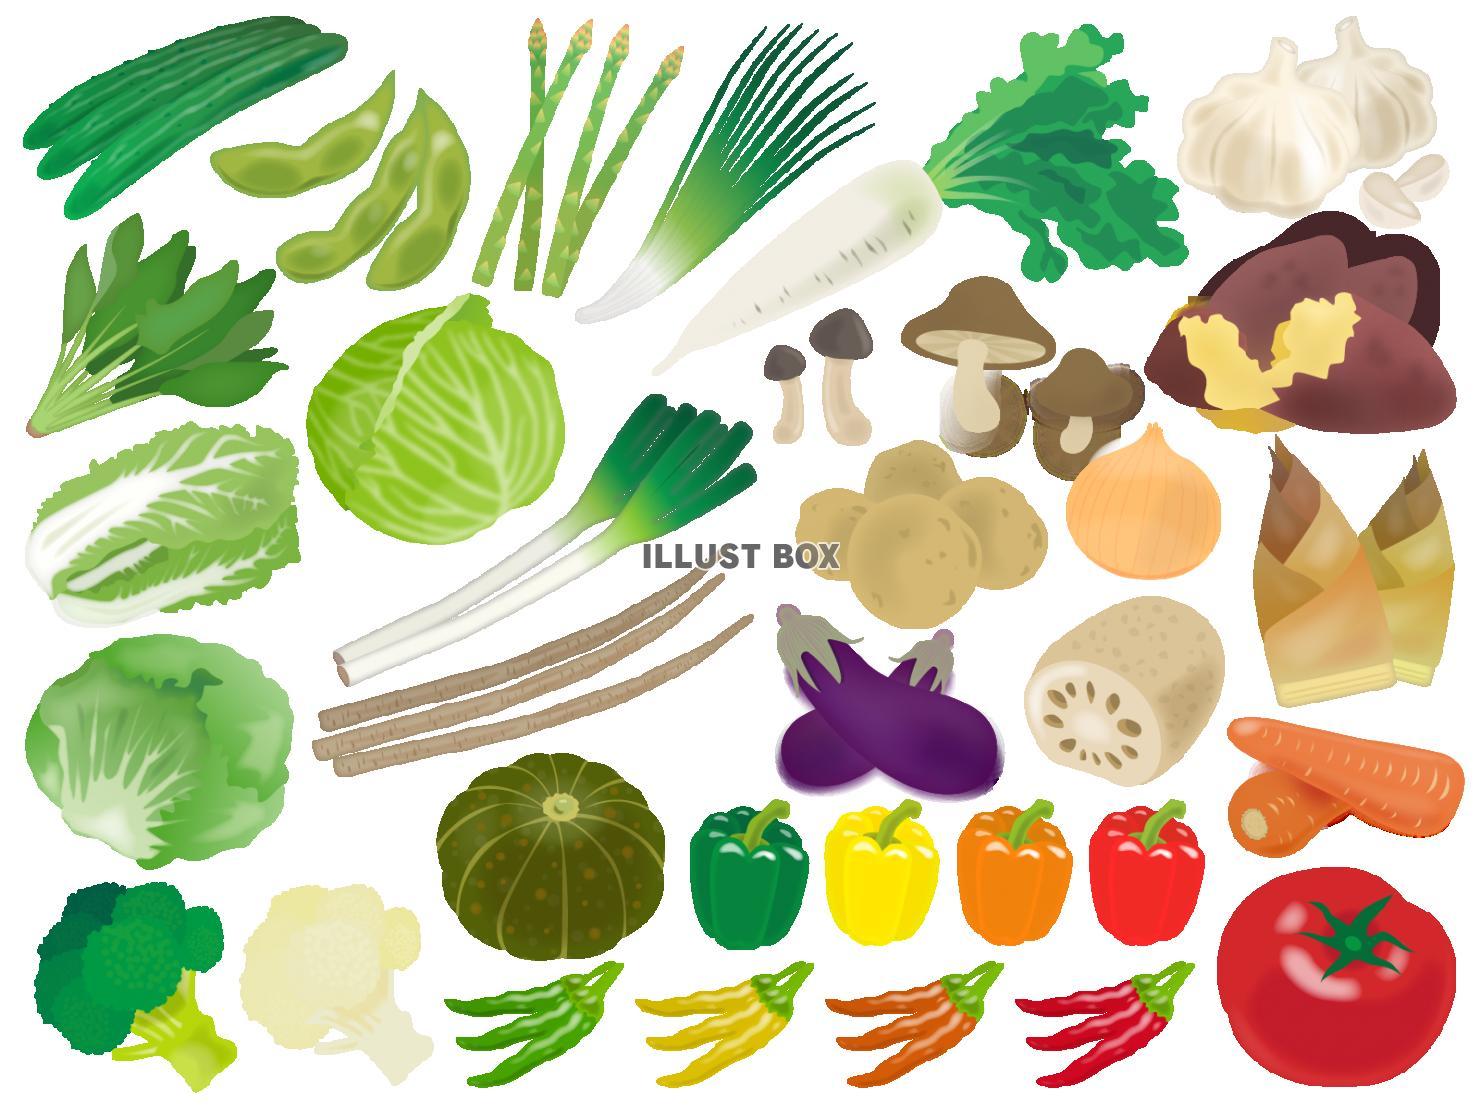 無料イラスト 野菜のイラストセット